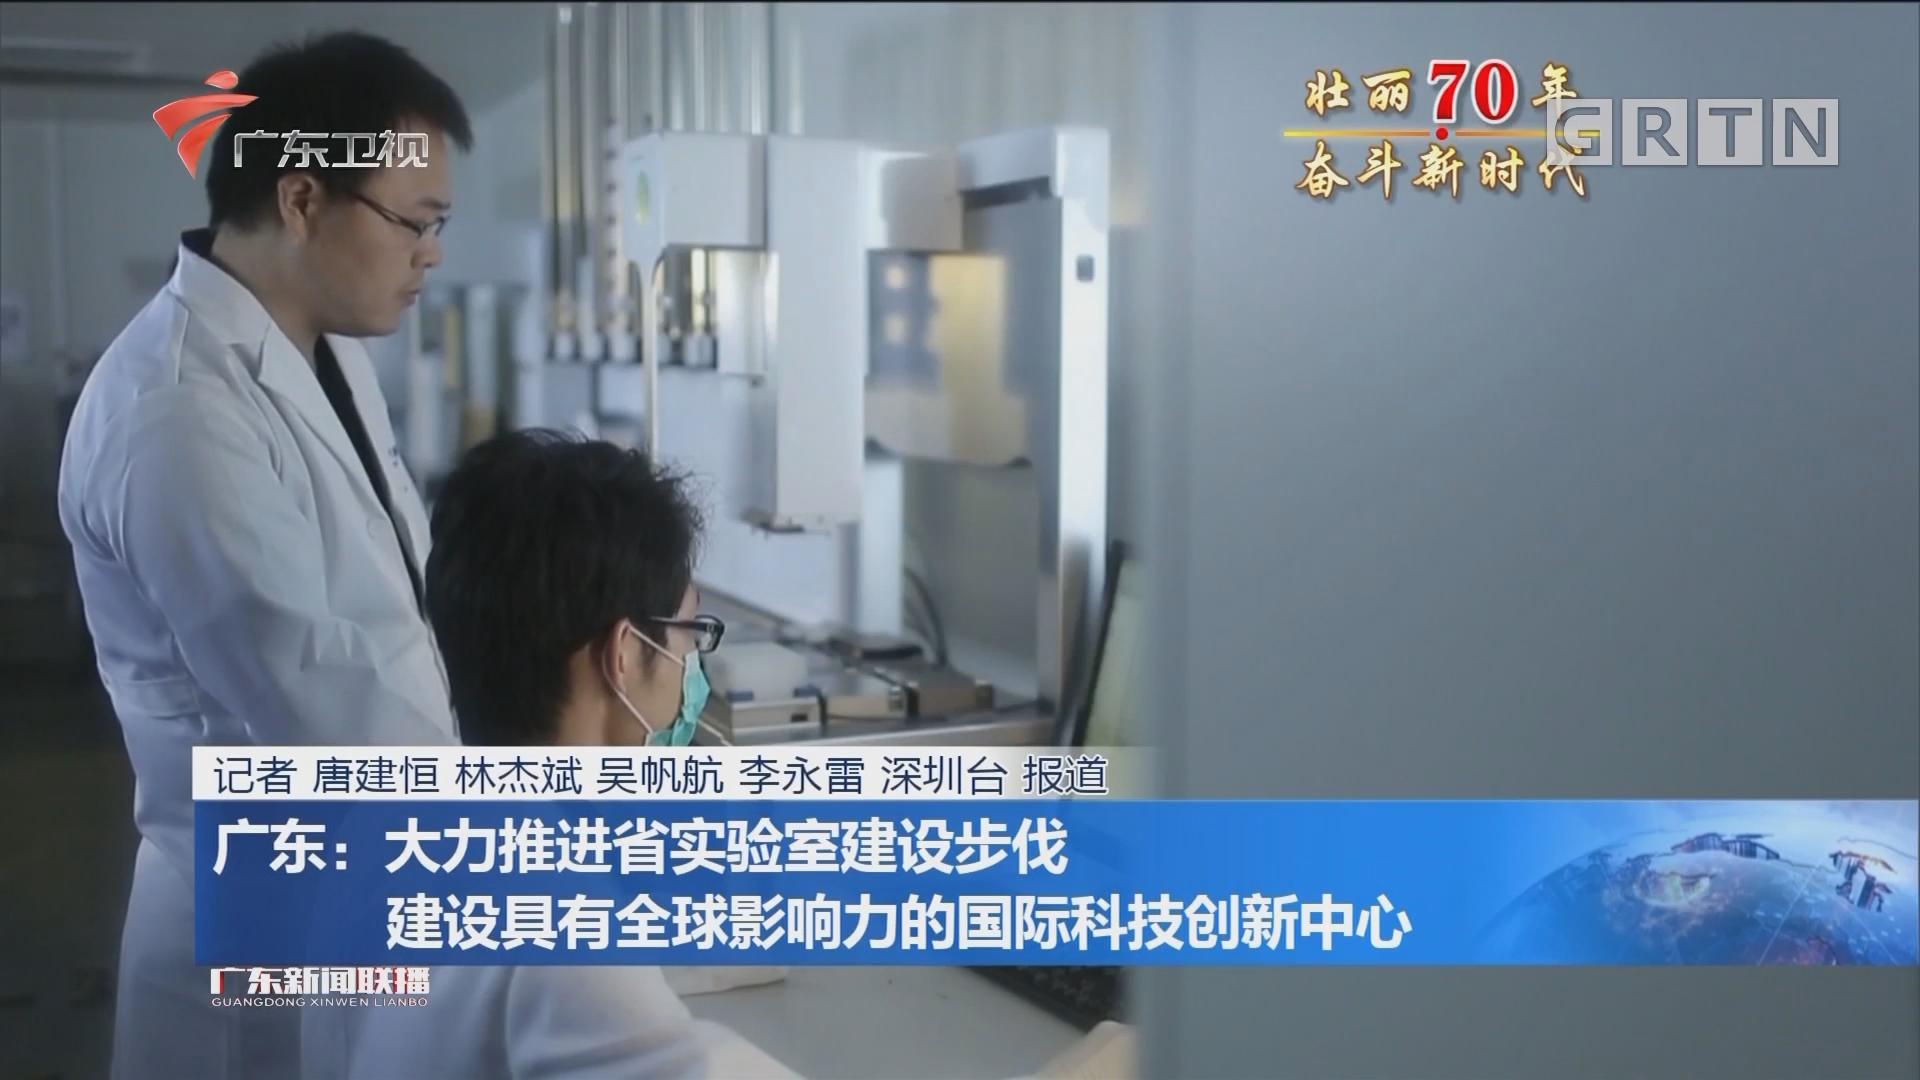 广东:大力推进省实验室建设步伐 建设具有全球影响力的国际科技创新中心